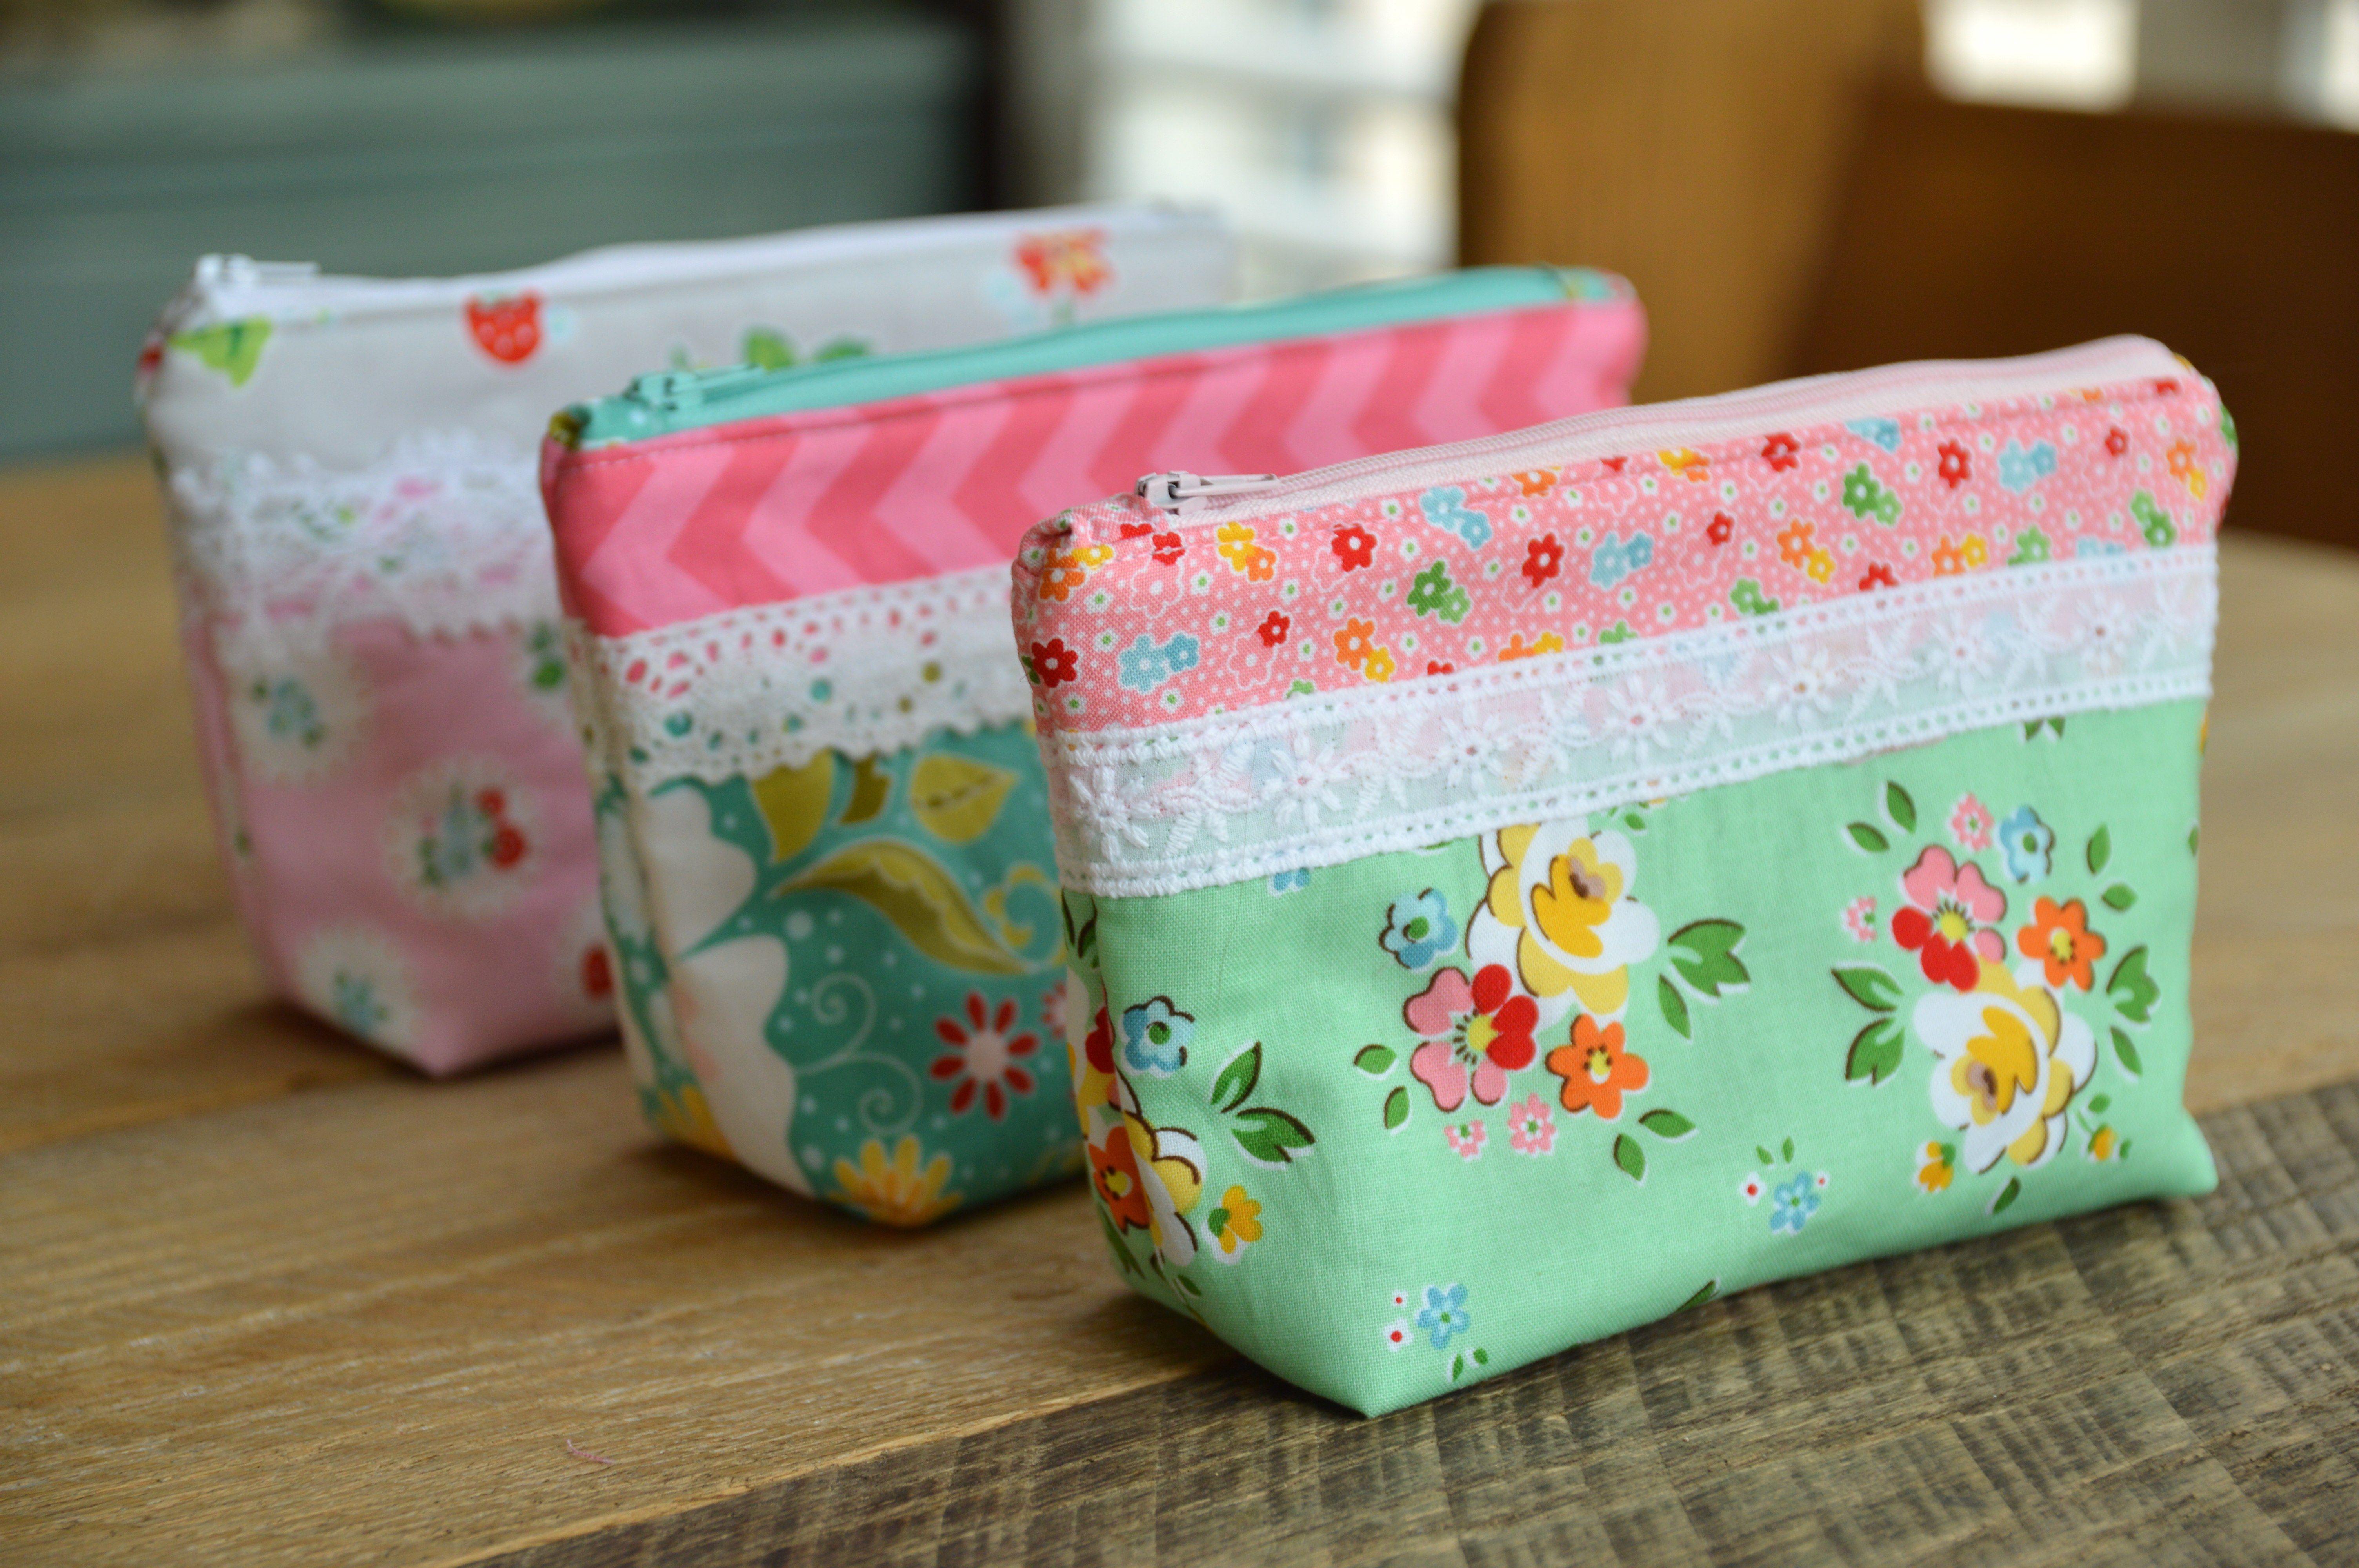 Sewing Vinyl Bags Zipper Pouch My Favorite Zipper Pouch Bags And Purses Pinterest Zipper